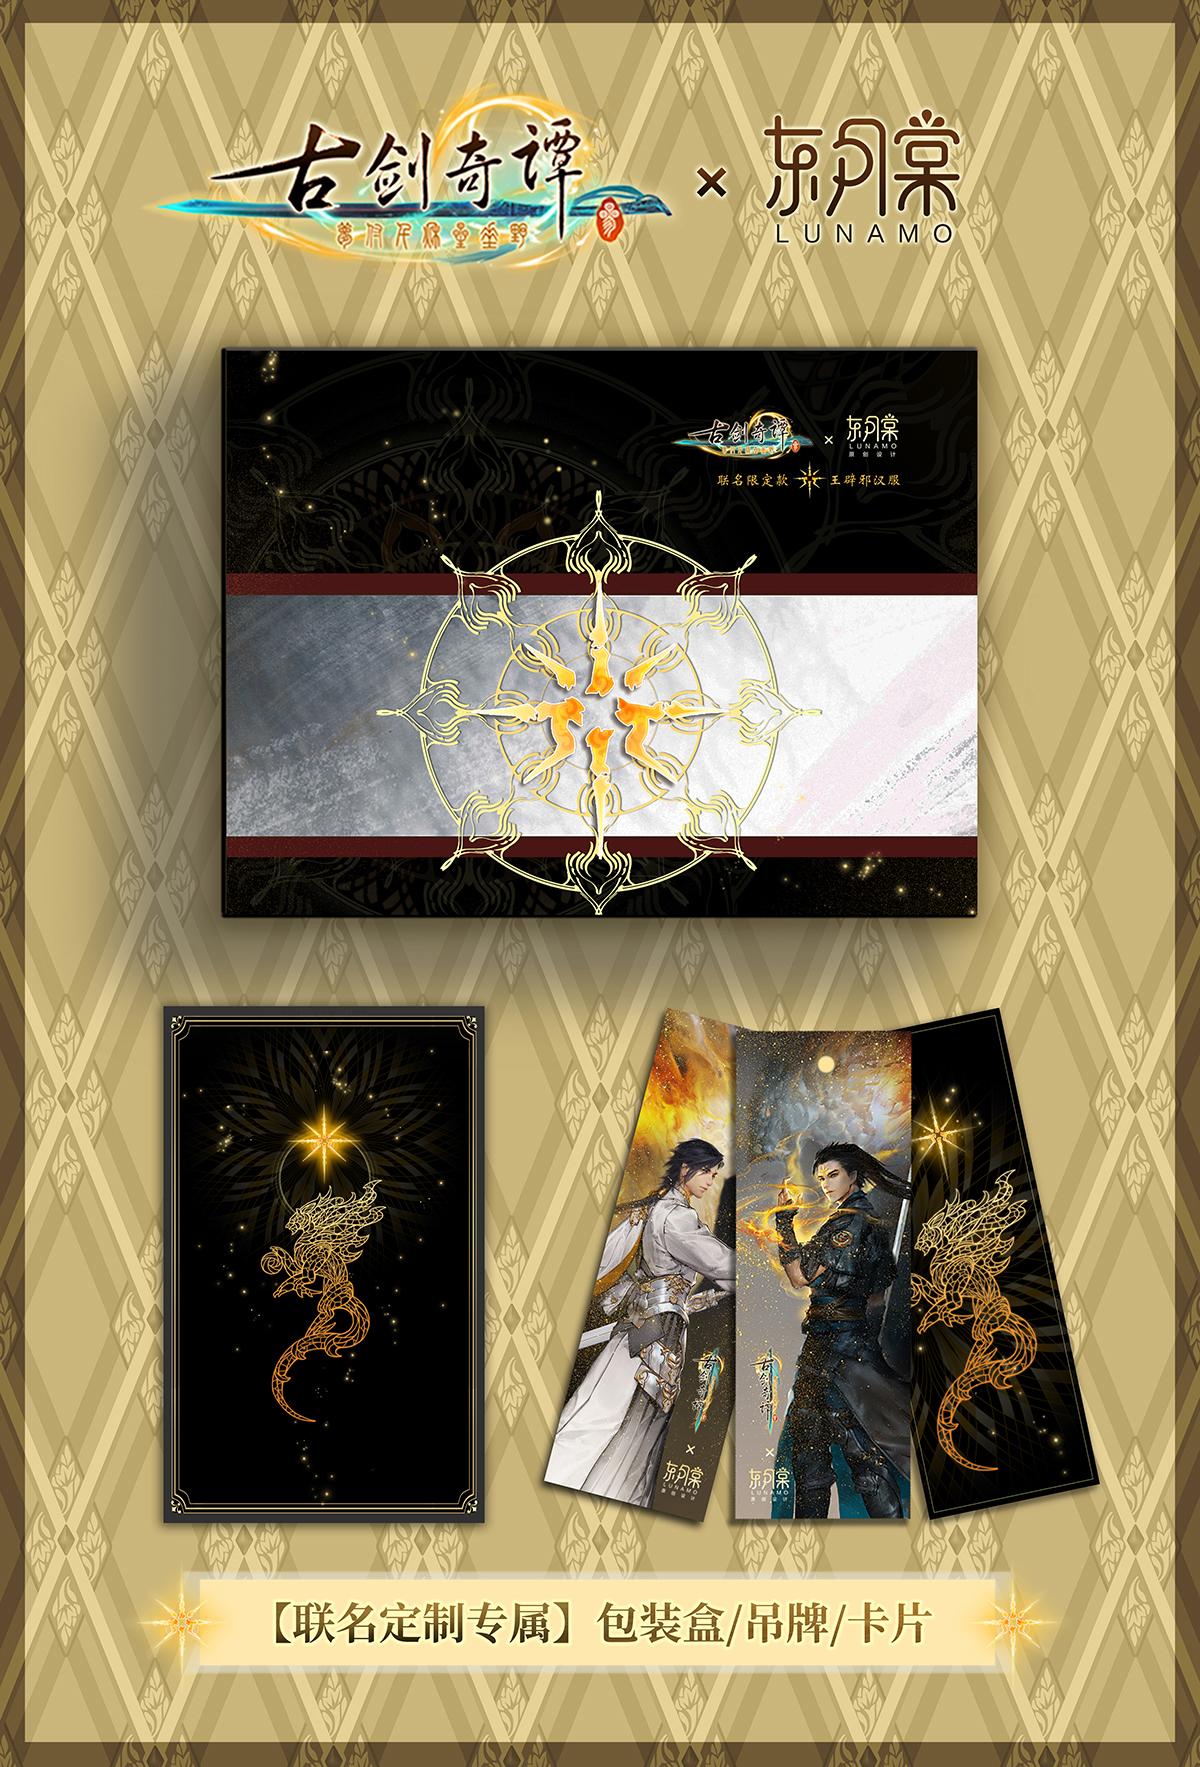 《古剑奇谭3》推出汉服周边 11月9日开售定价398元